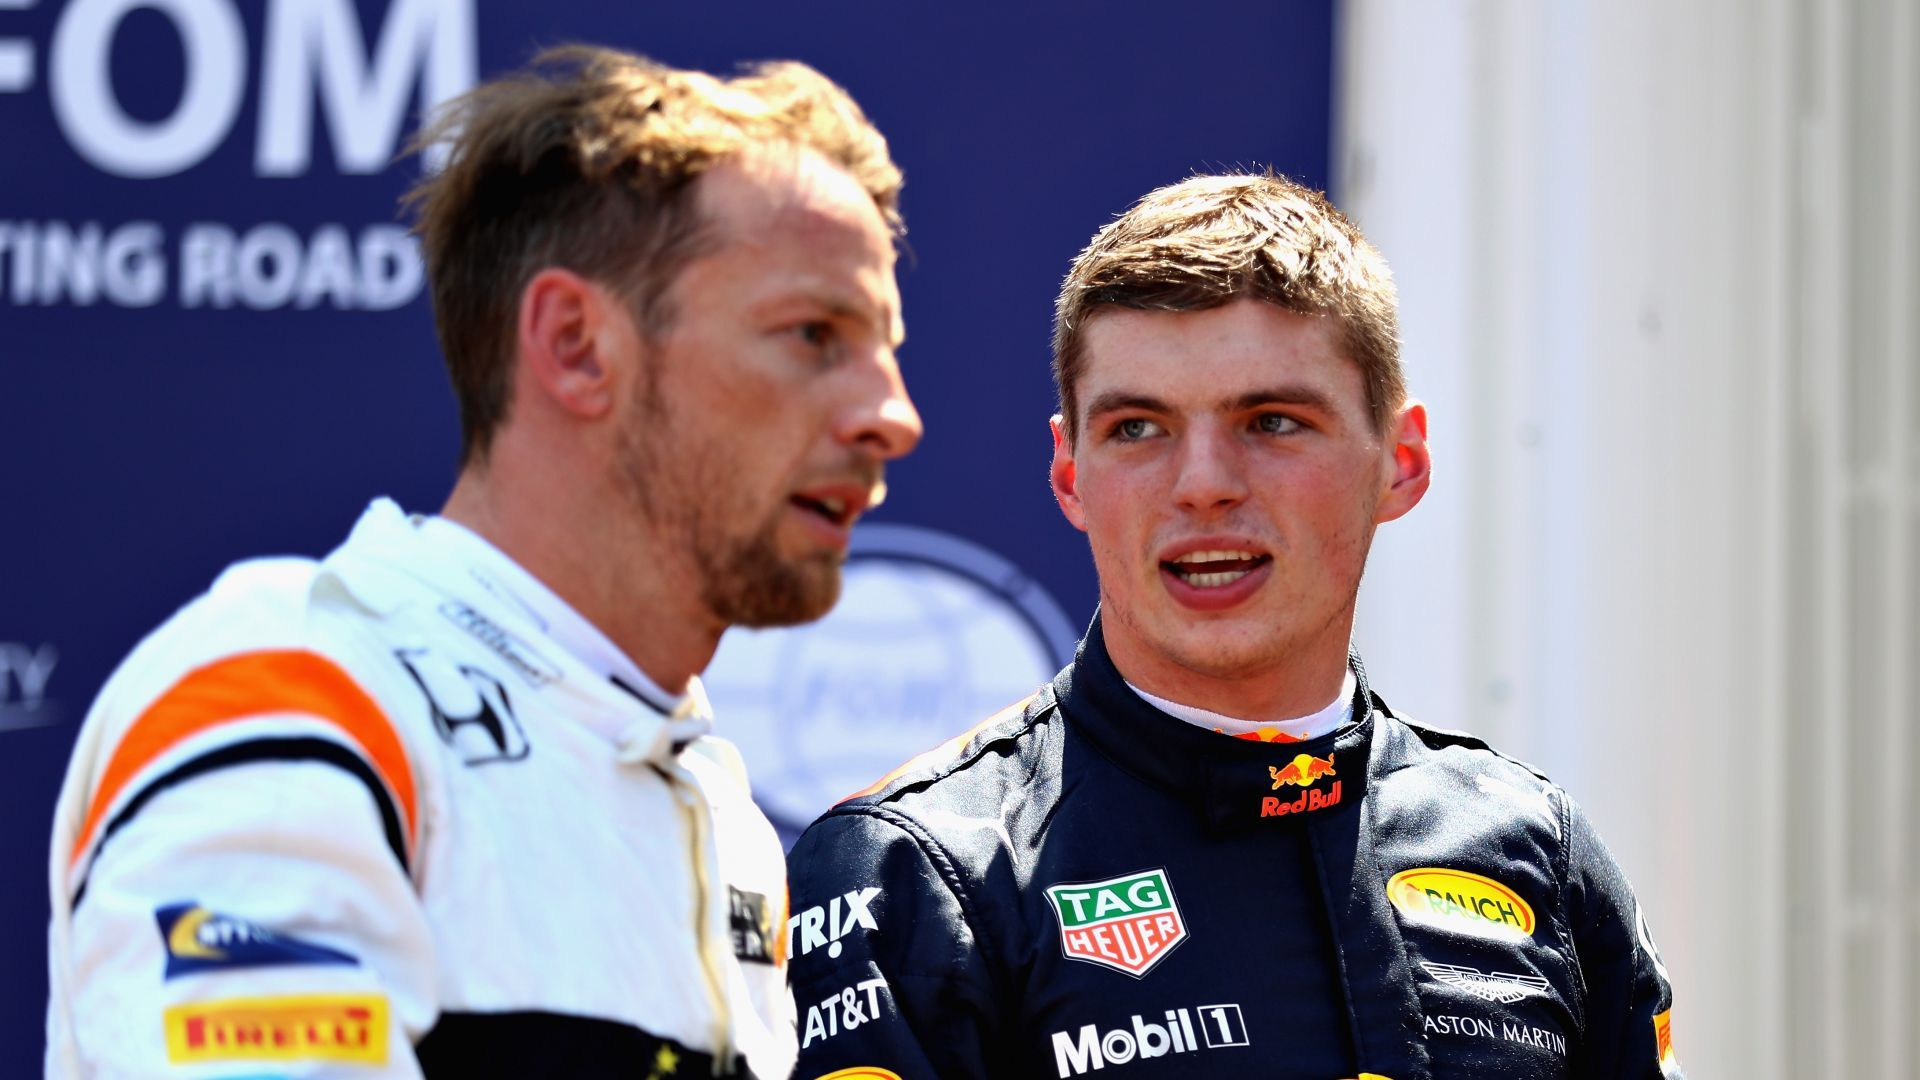 Световен шампион: Верстапен е на нивото на Шумахер и Хакинен